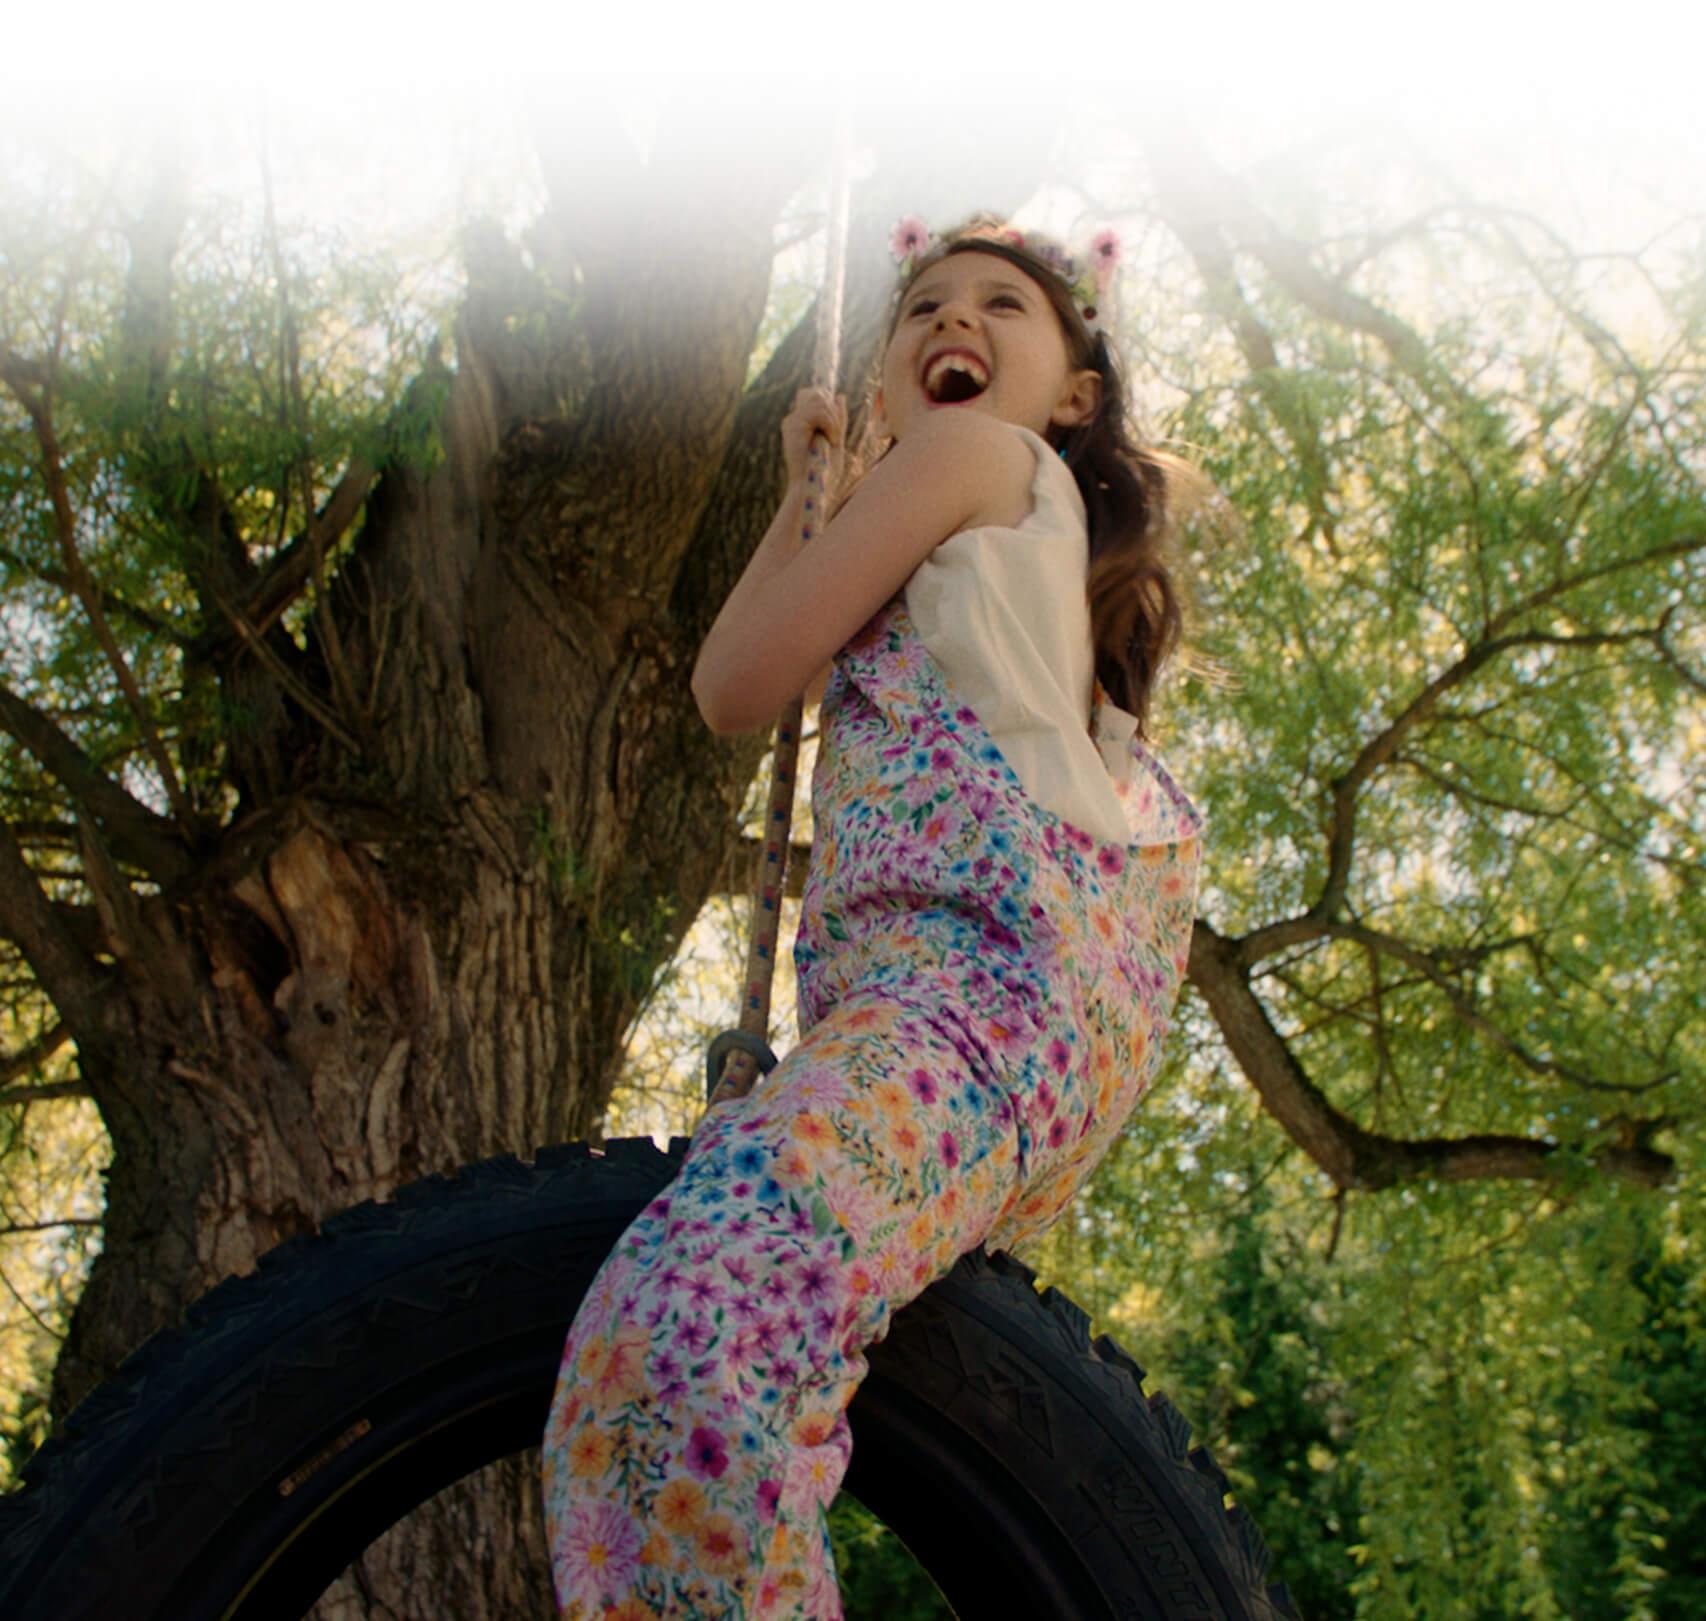 Une enfant tout sourire se balance à un arbre.